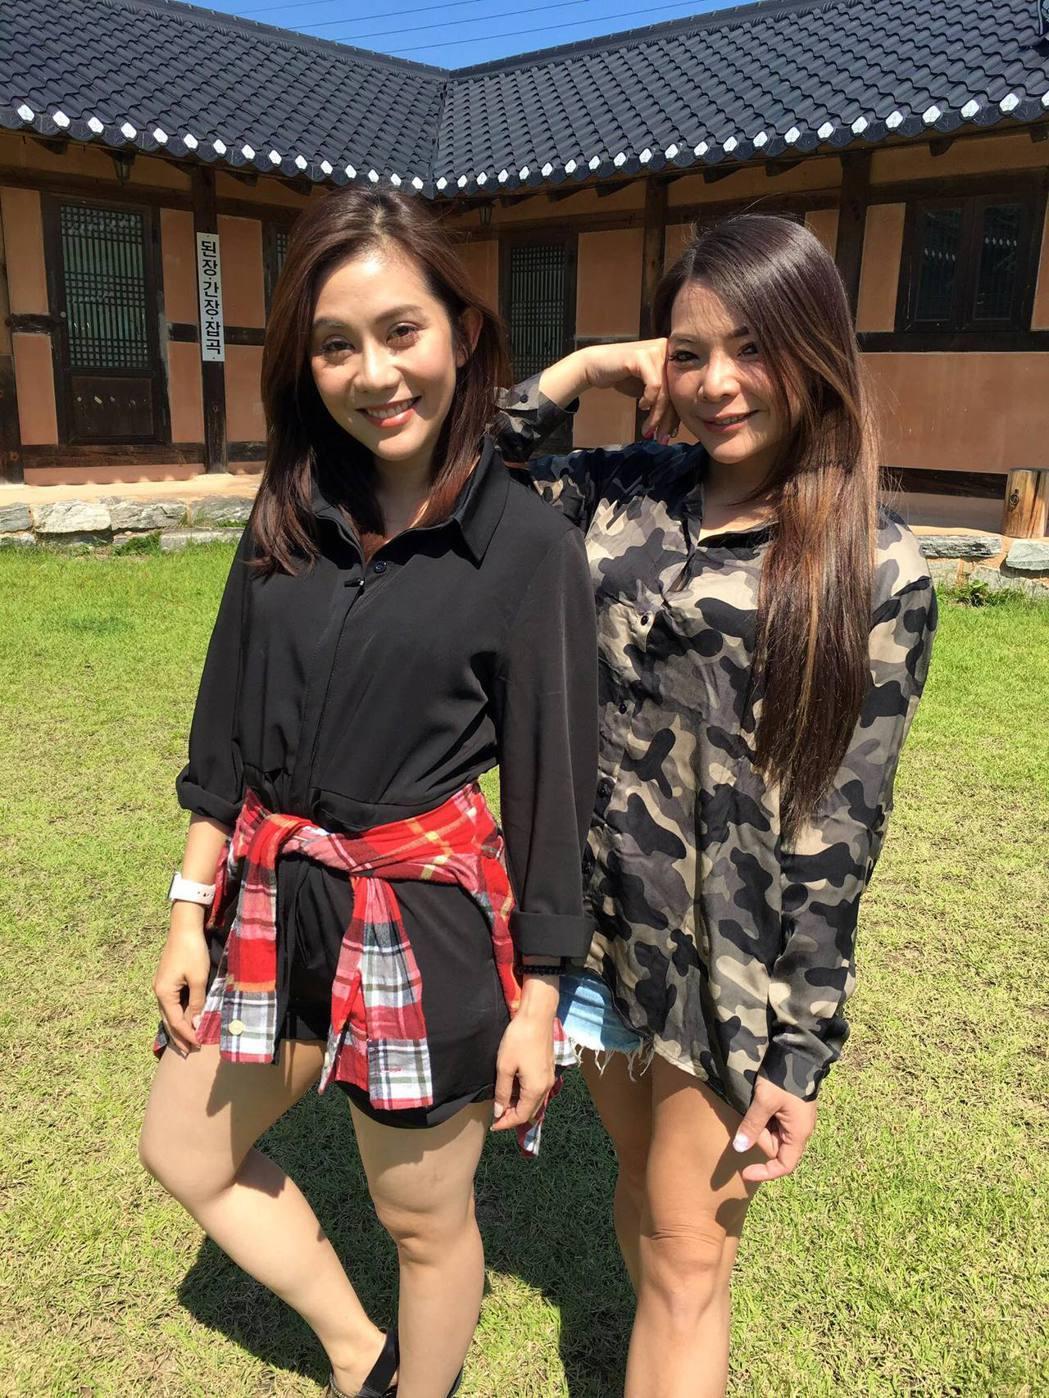 小甜甜(右)與王宇婕(左)交情好。 圖/擷自小甜甜臉書